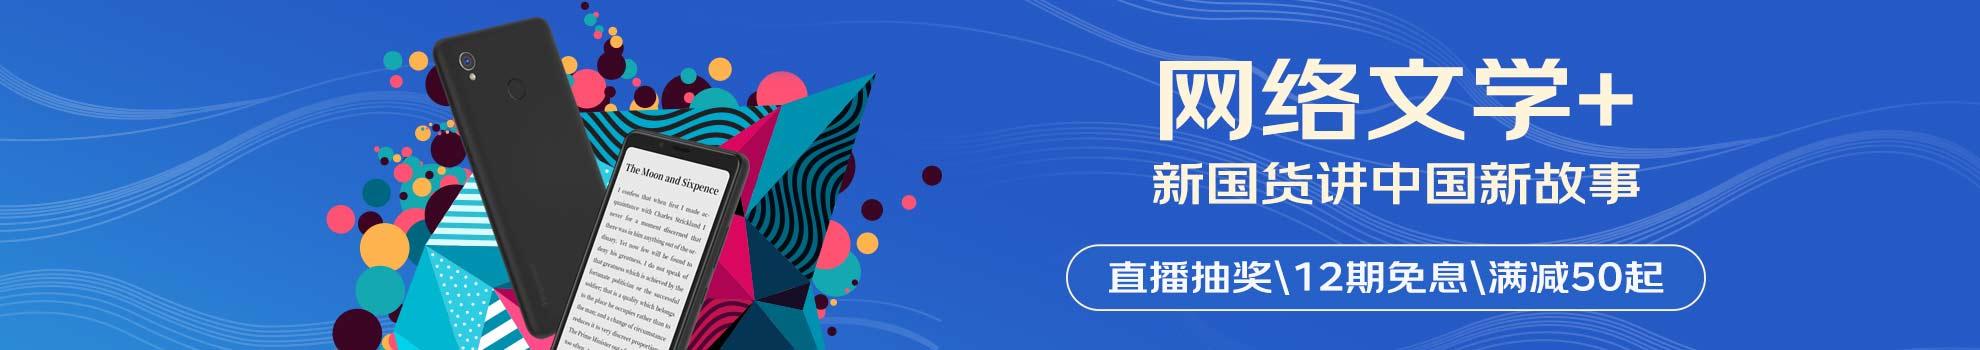 直播预告|中国网络文学+大会现场直播